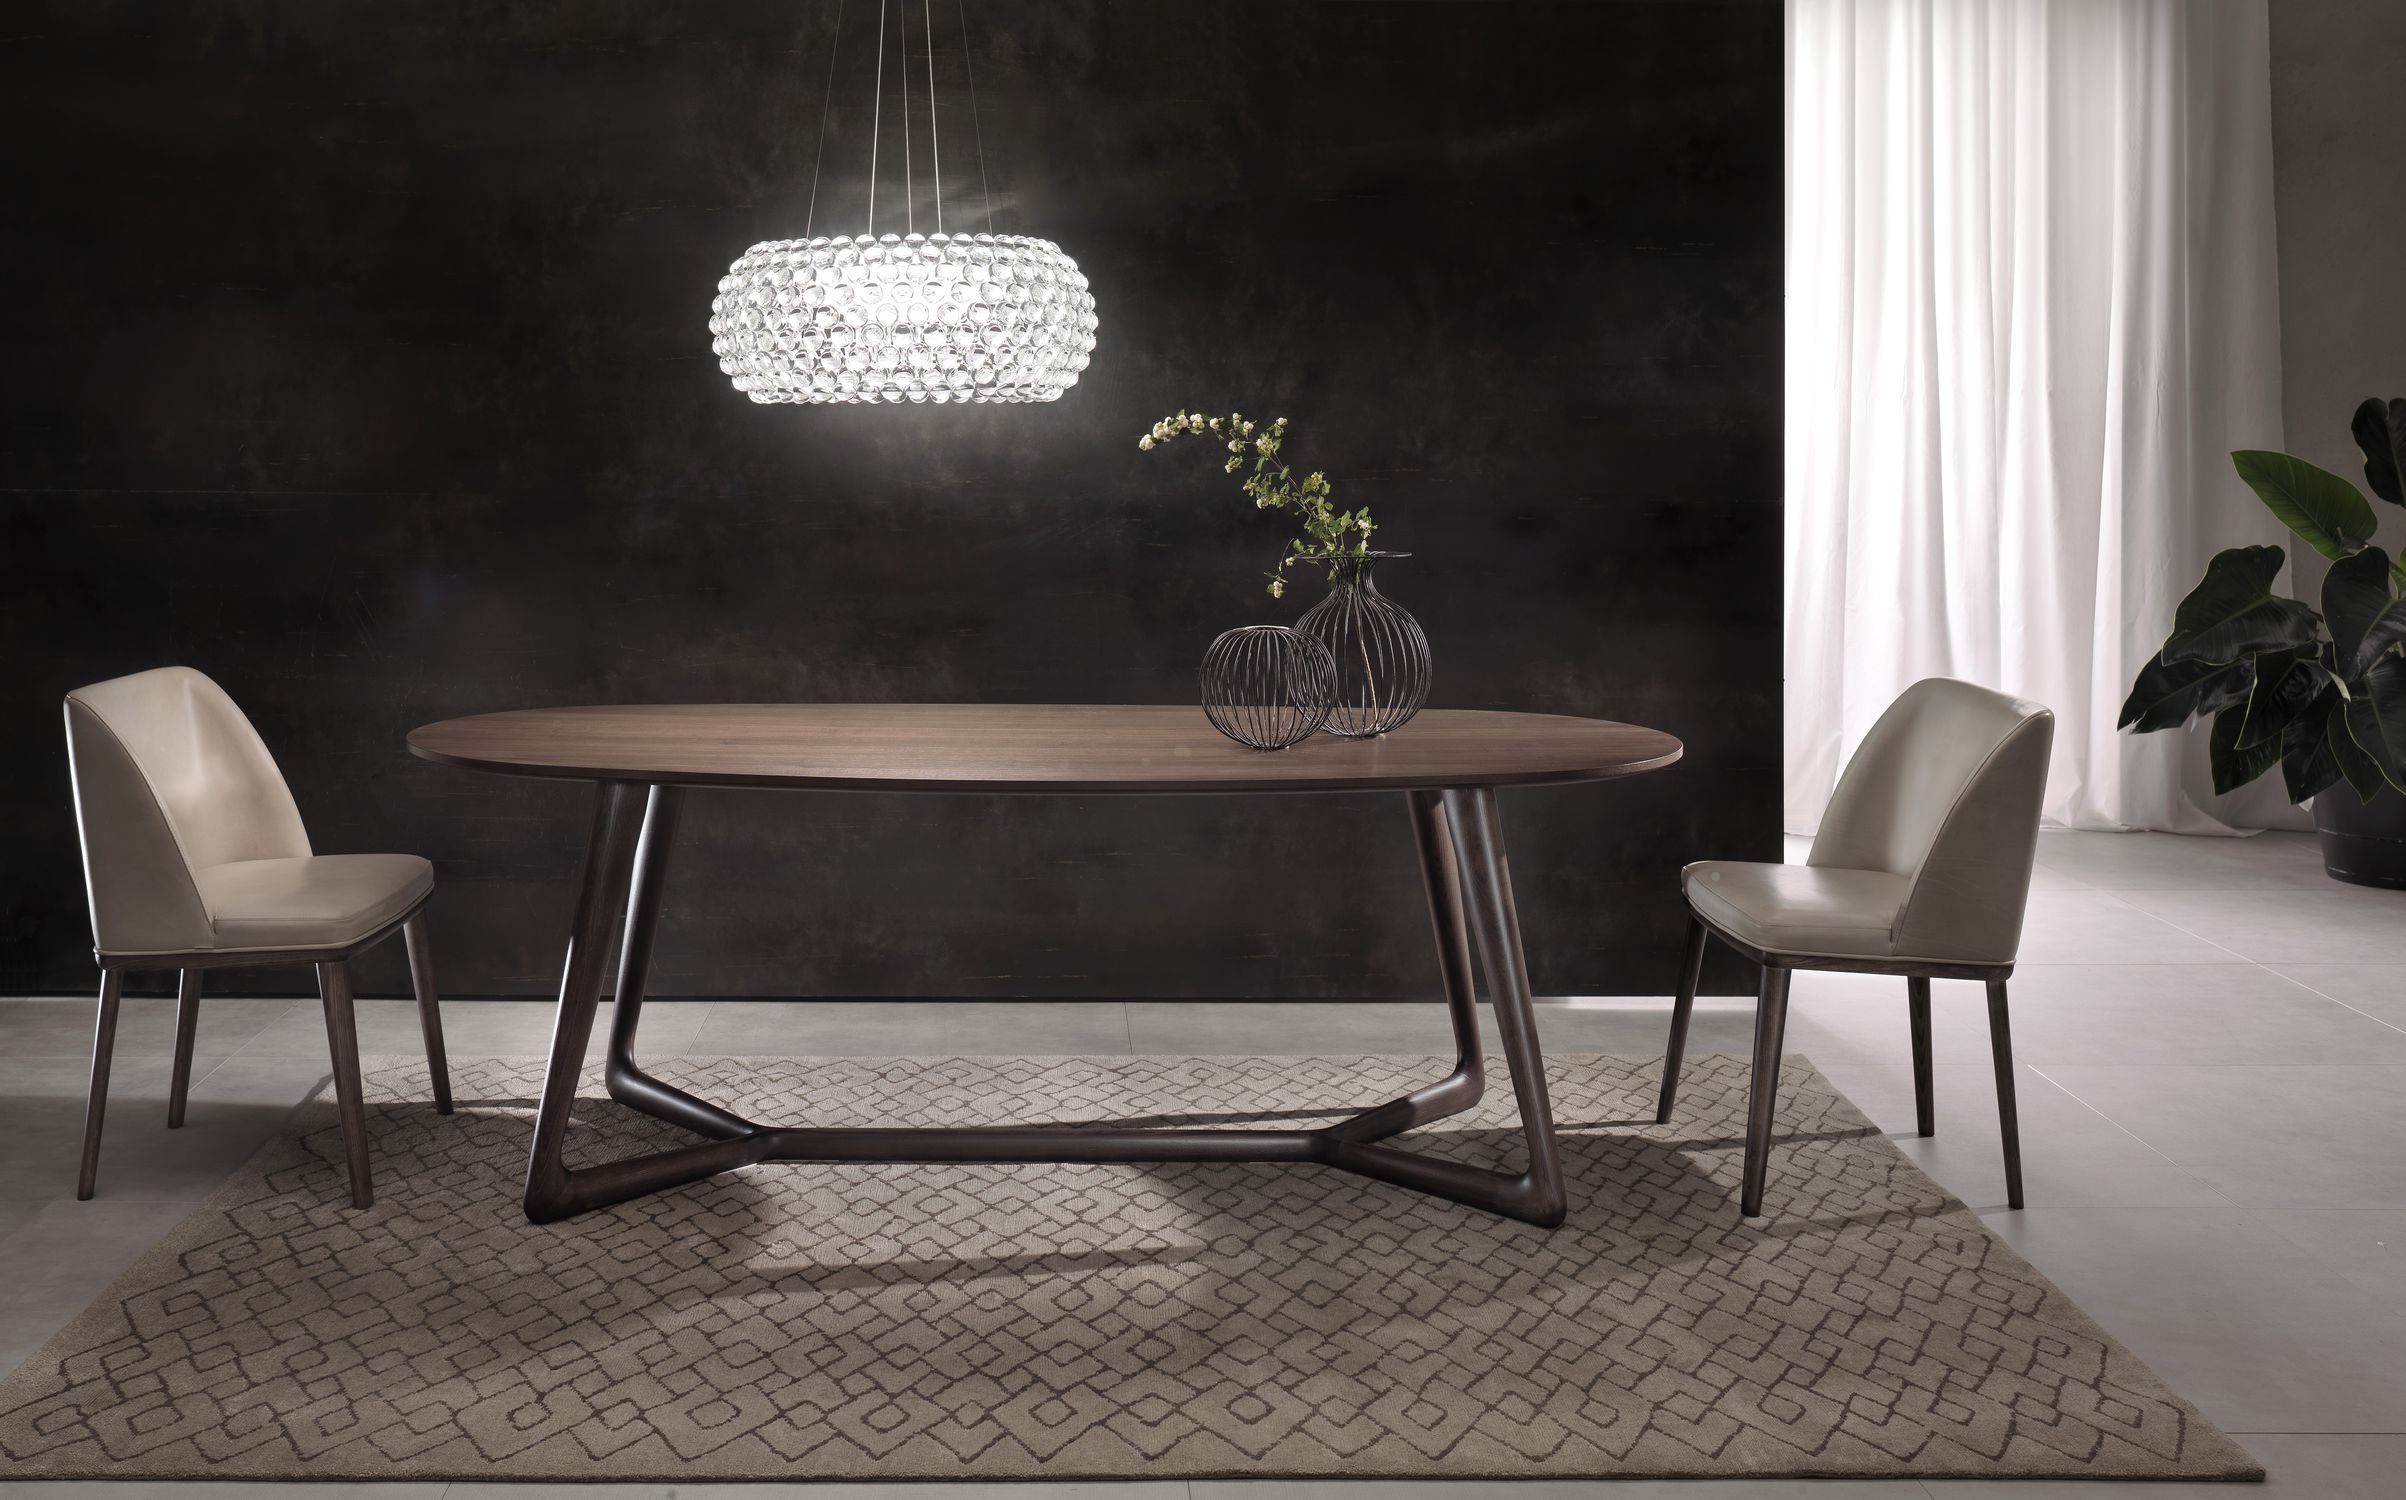 Tavolo moderno / in legno / ovale - COVER - Pacini & Cappellini